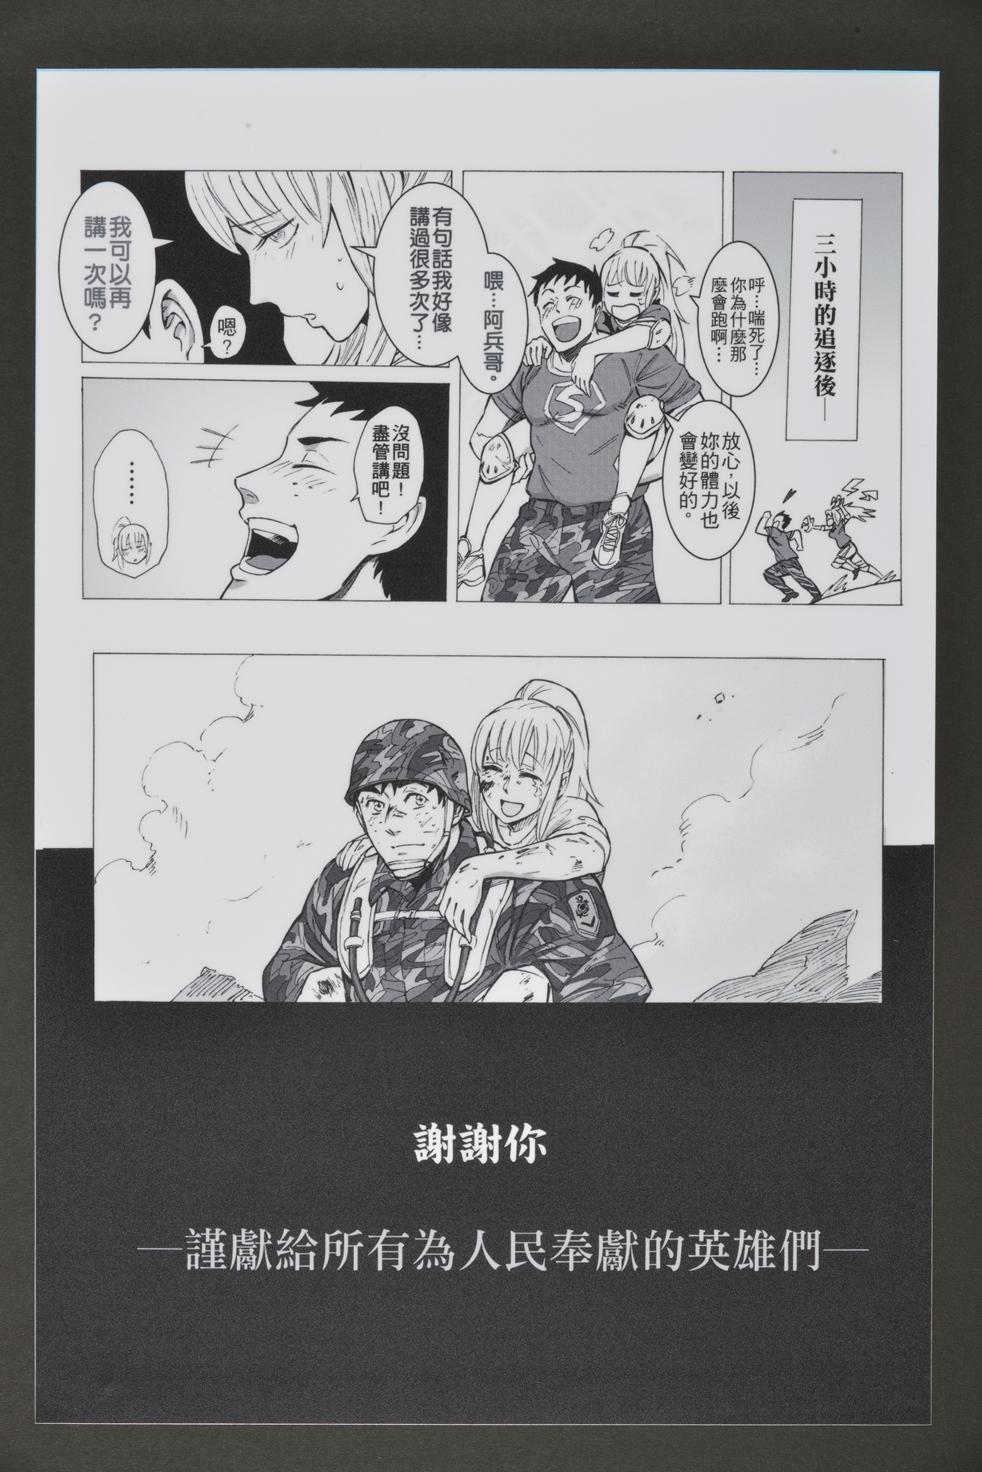 49屆漫畫類銀像獎_TheSoul英勇的國魂11_吳宇.jpg